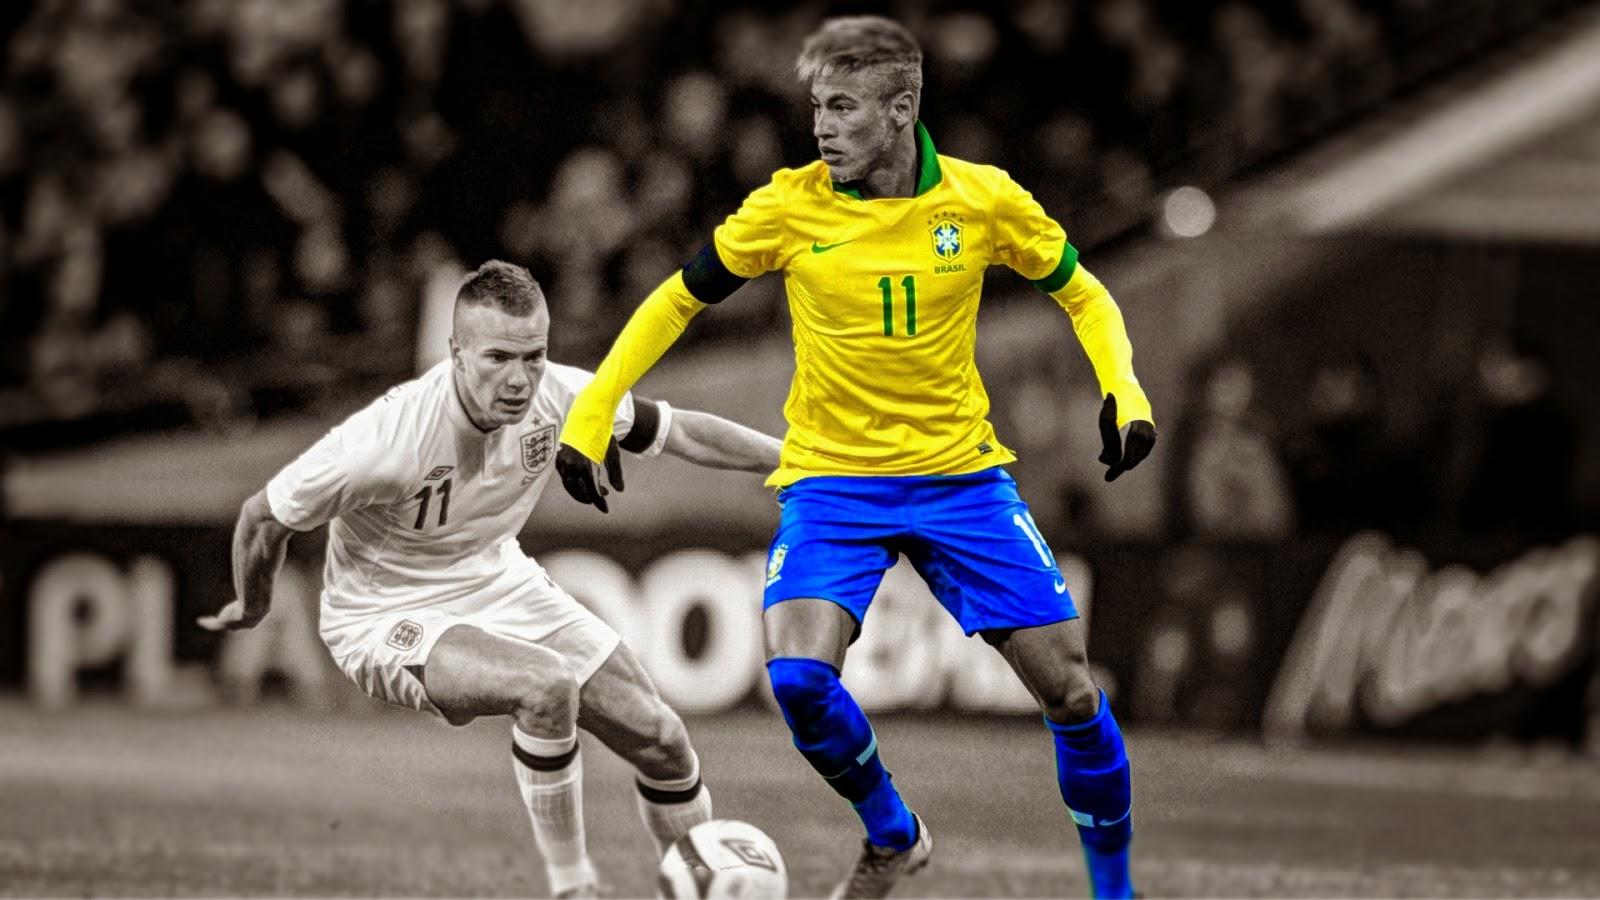 مهارات اللاعب نيمار البرازيلي.